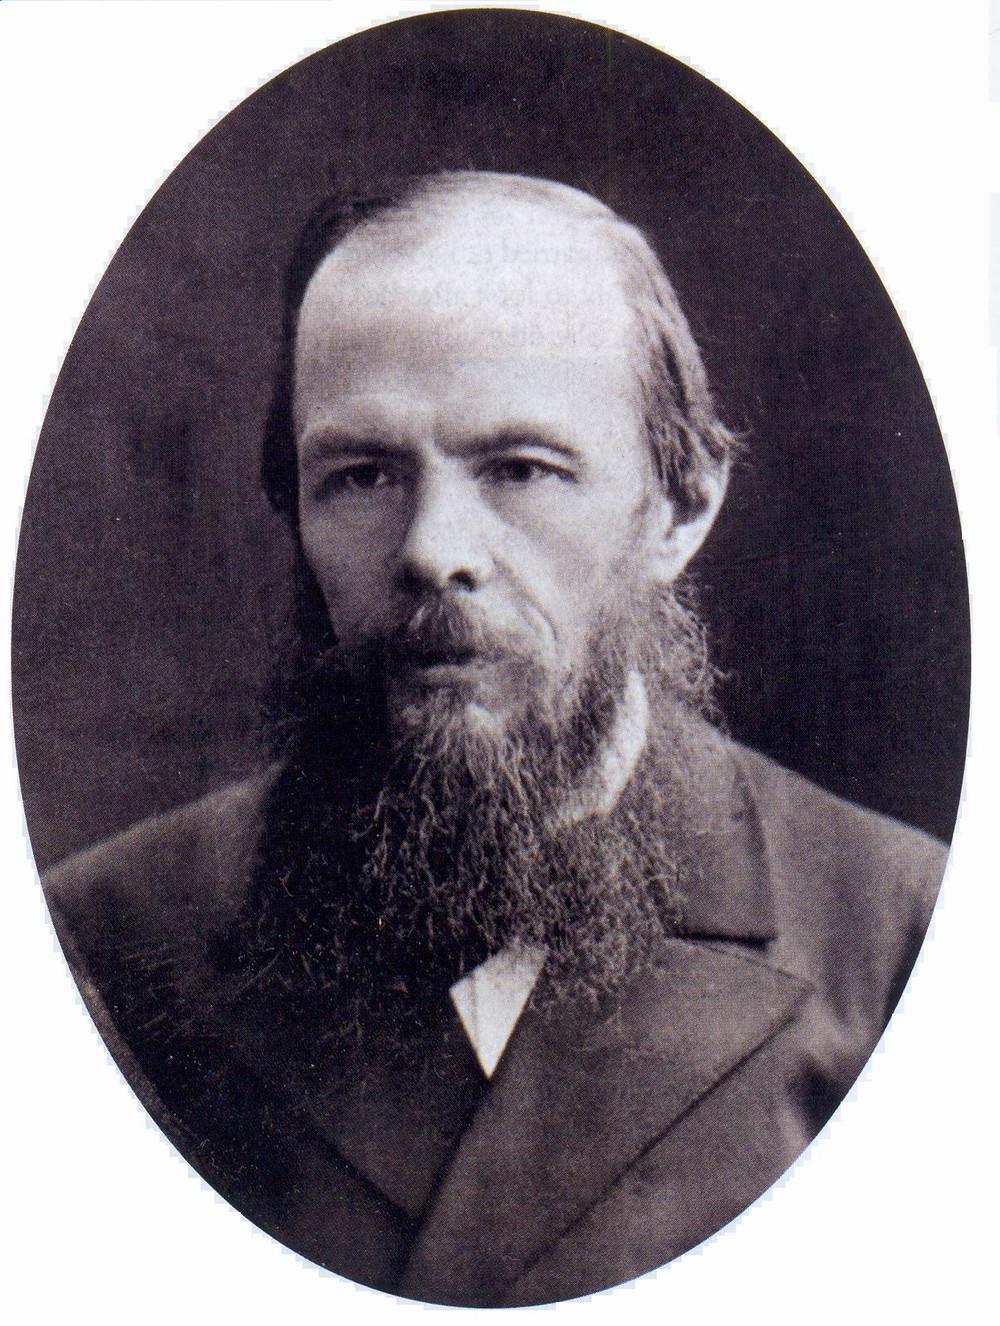 費奧多爾·杜斯妥也夫斯基